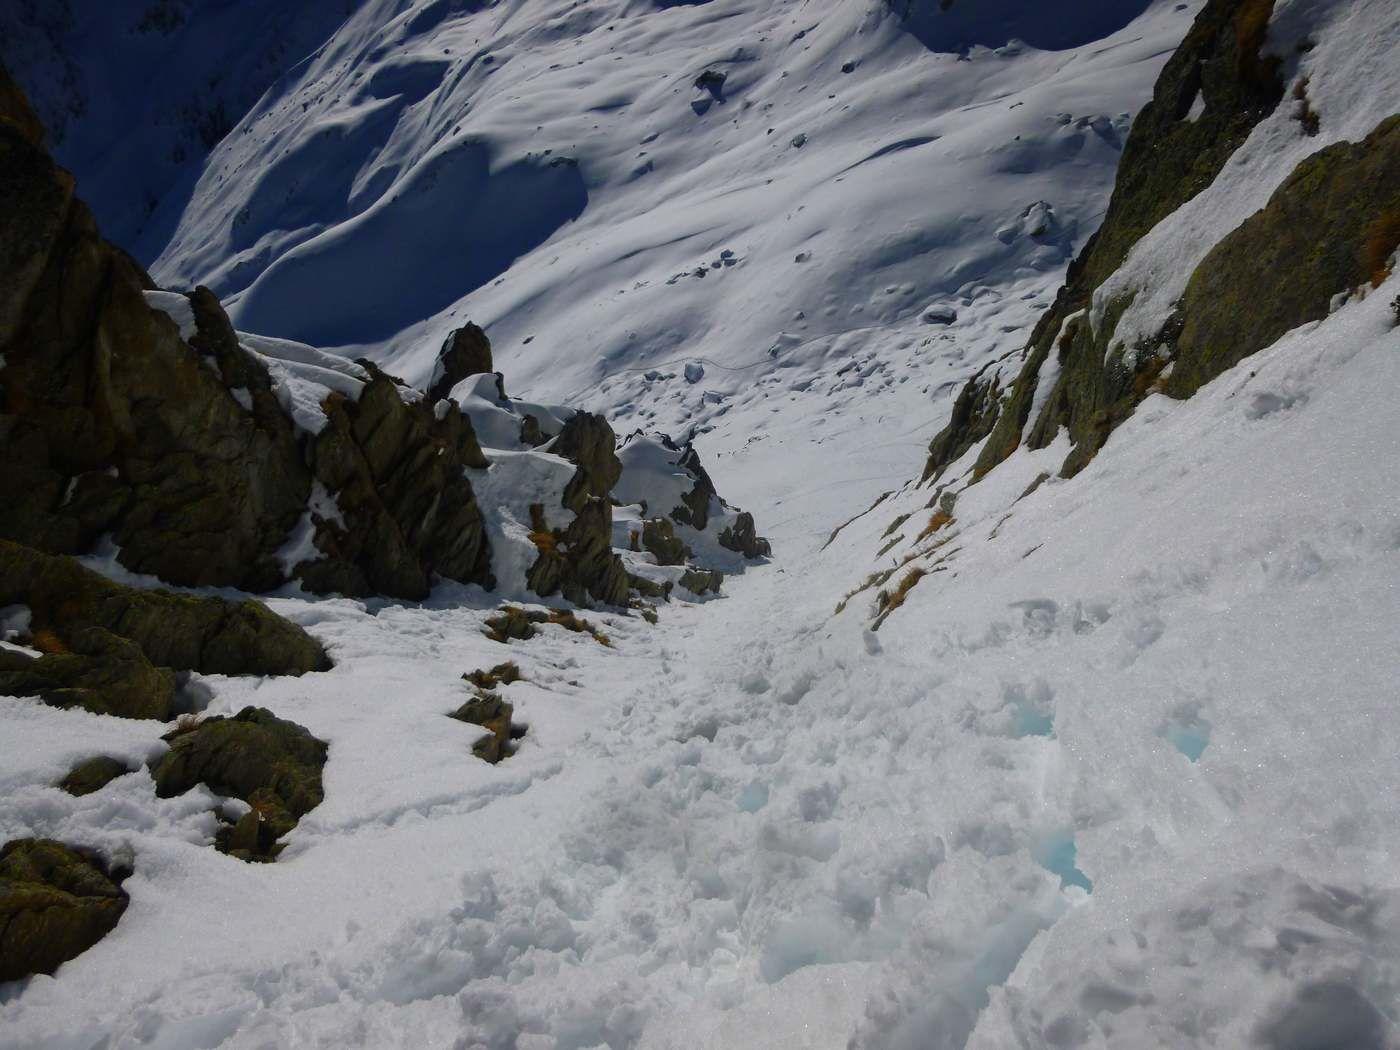 coté sud la montée ....coté nord la descente.